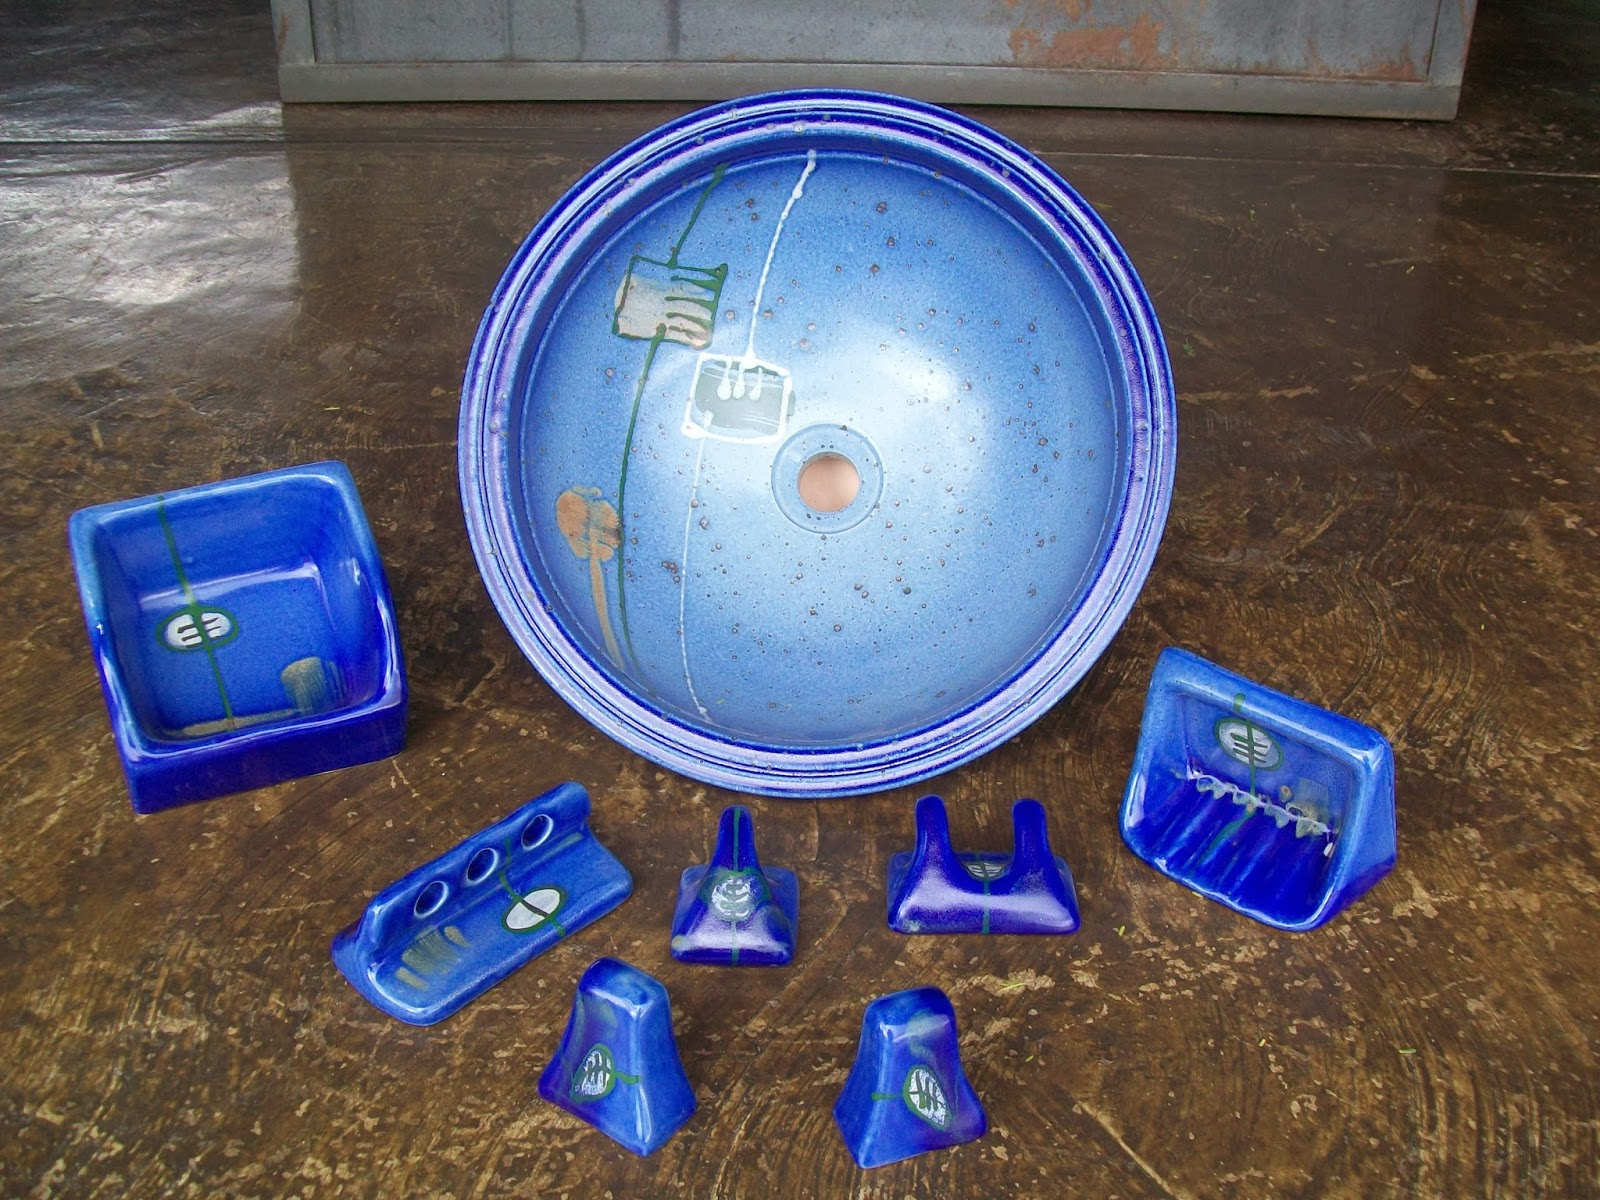 Miguel ngel peraza artesan a juegos de accesorios de for Juego de accesorios para bano de ceramica